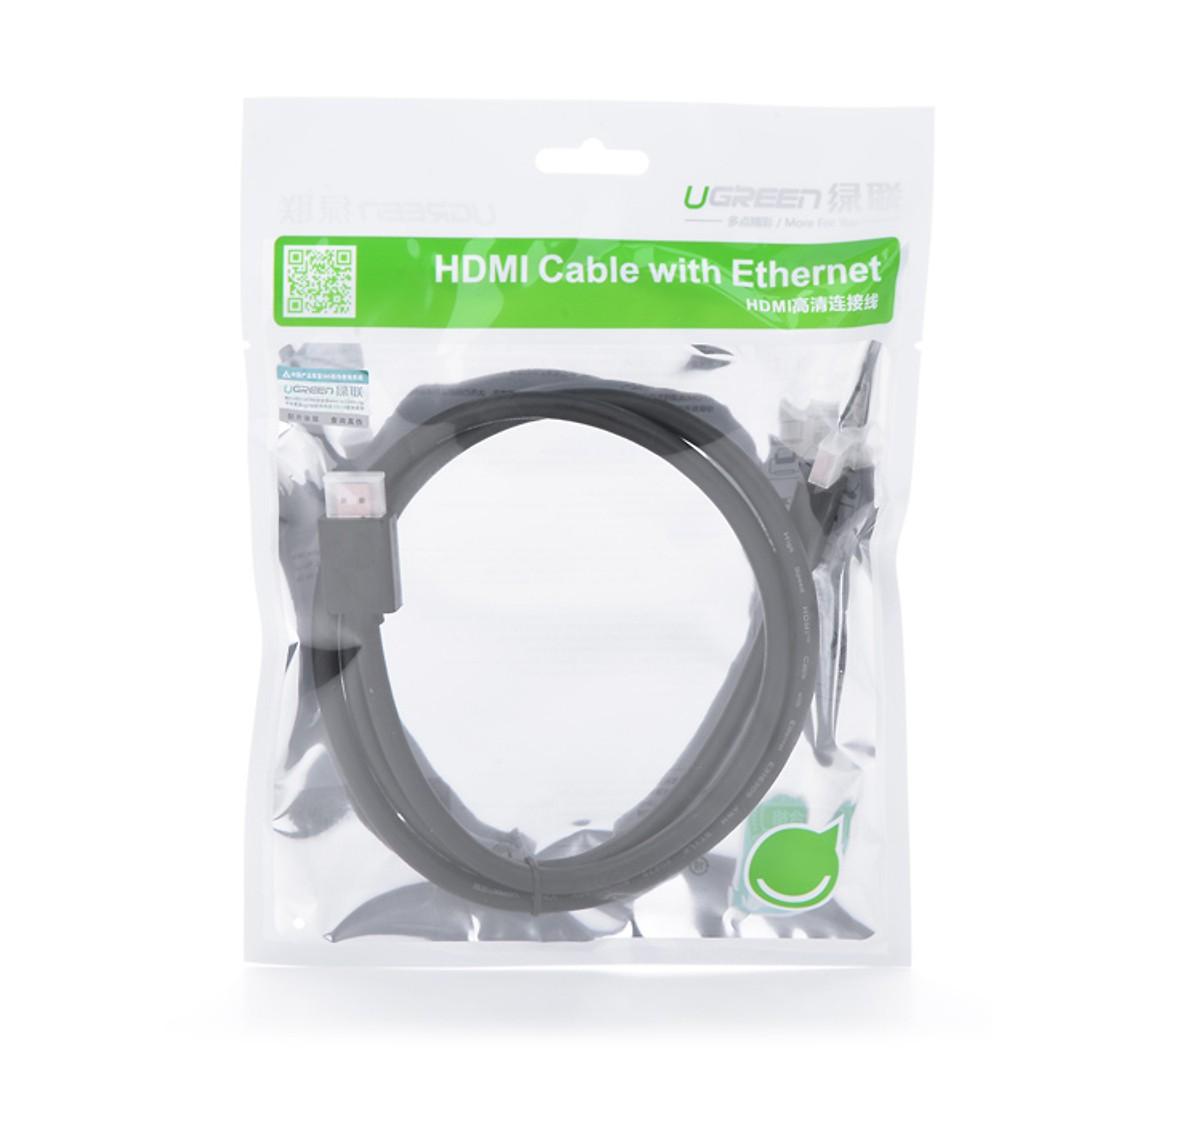 Dây HDMI Dẹt 1m Lõi Đồng cao cấp Ugreen - Hàng Chính Hãng